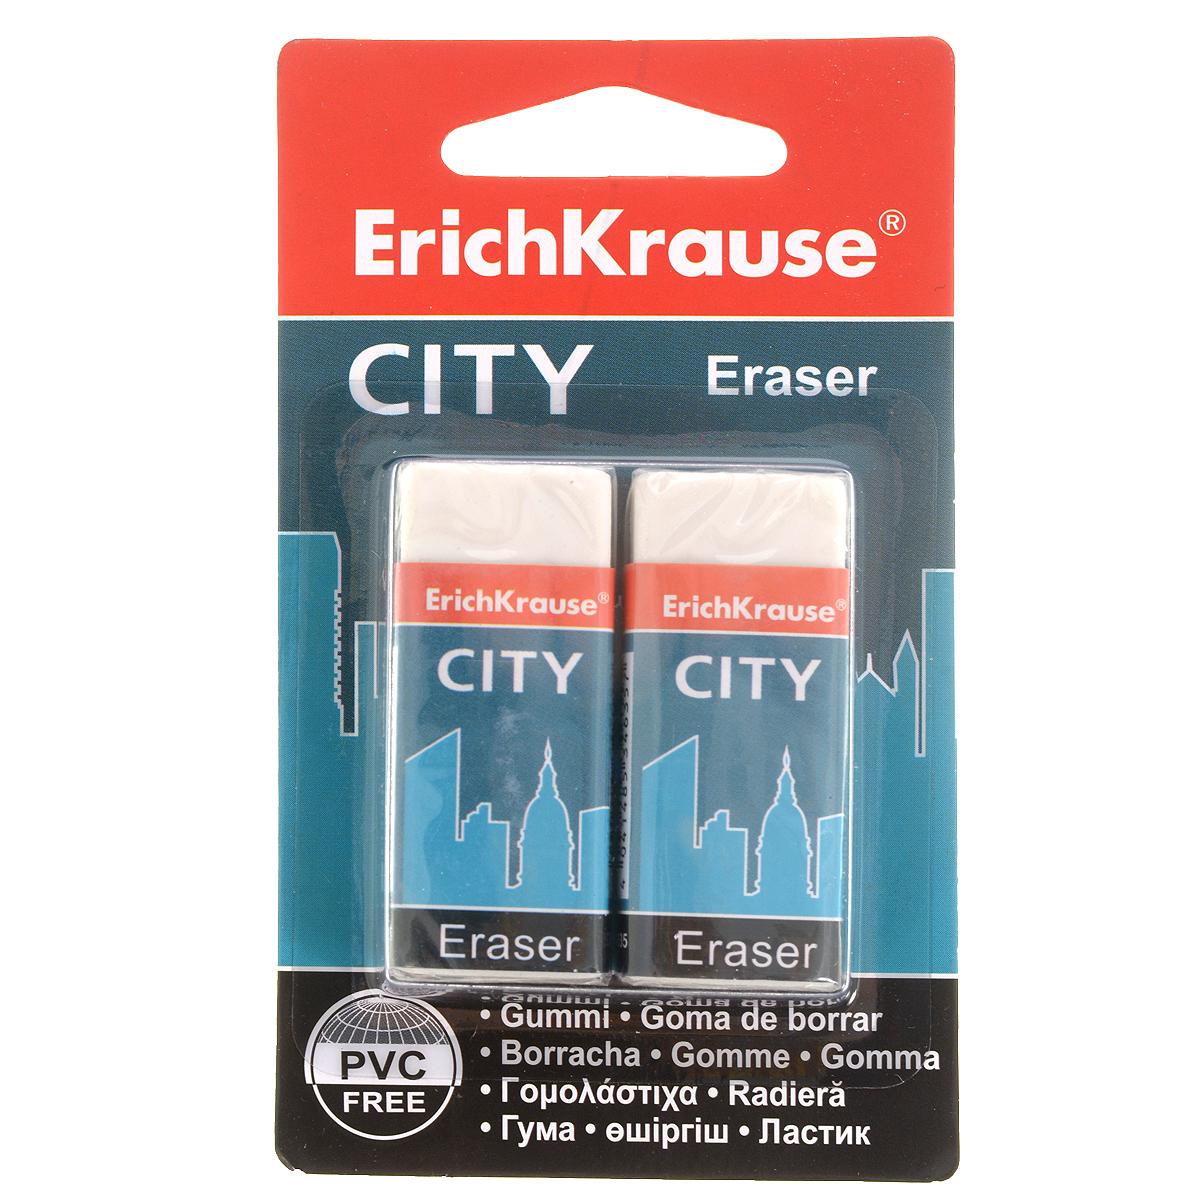 Набор ластиков Erich Krause City, 2 шт35501Набор ластиков Erich Krause City станет незаменимым аксессуаром на рабочем столе не только школьника или студента, но и офисного работника.